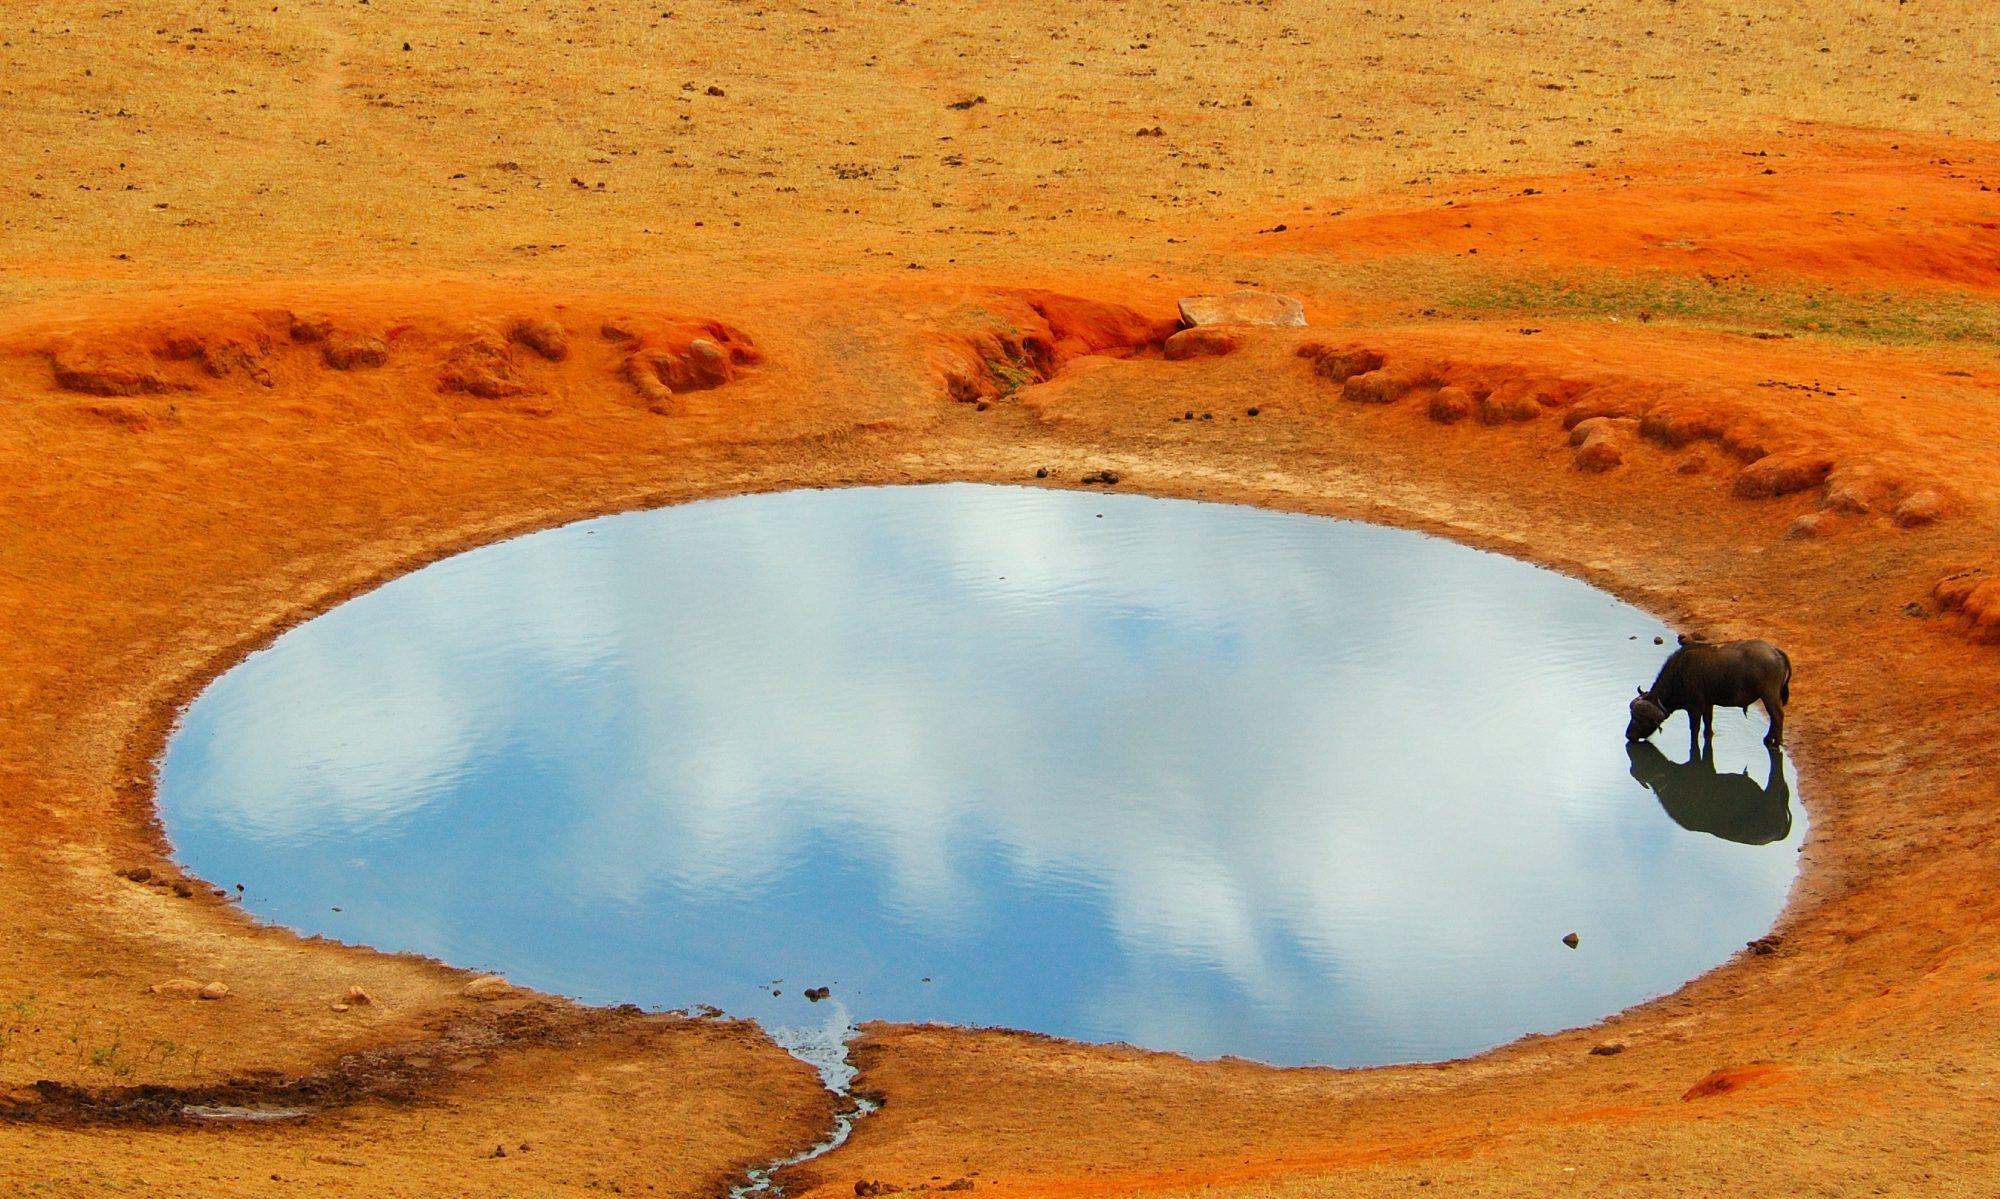 naturfotograf.eu